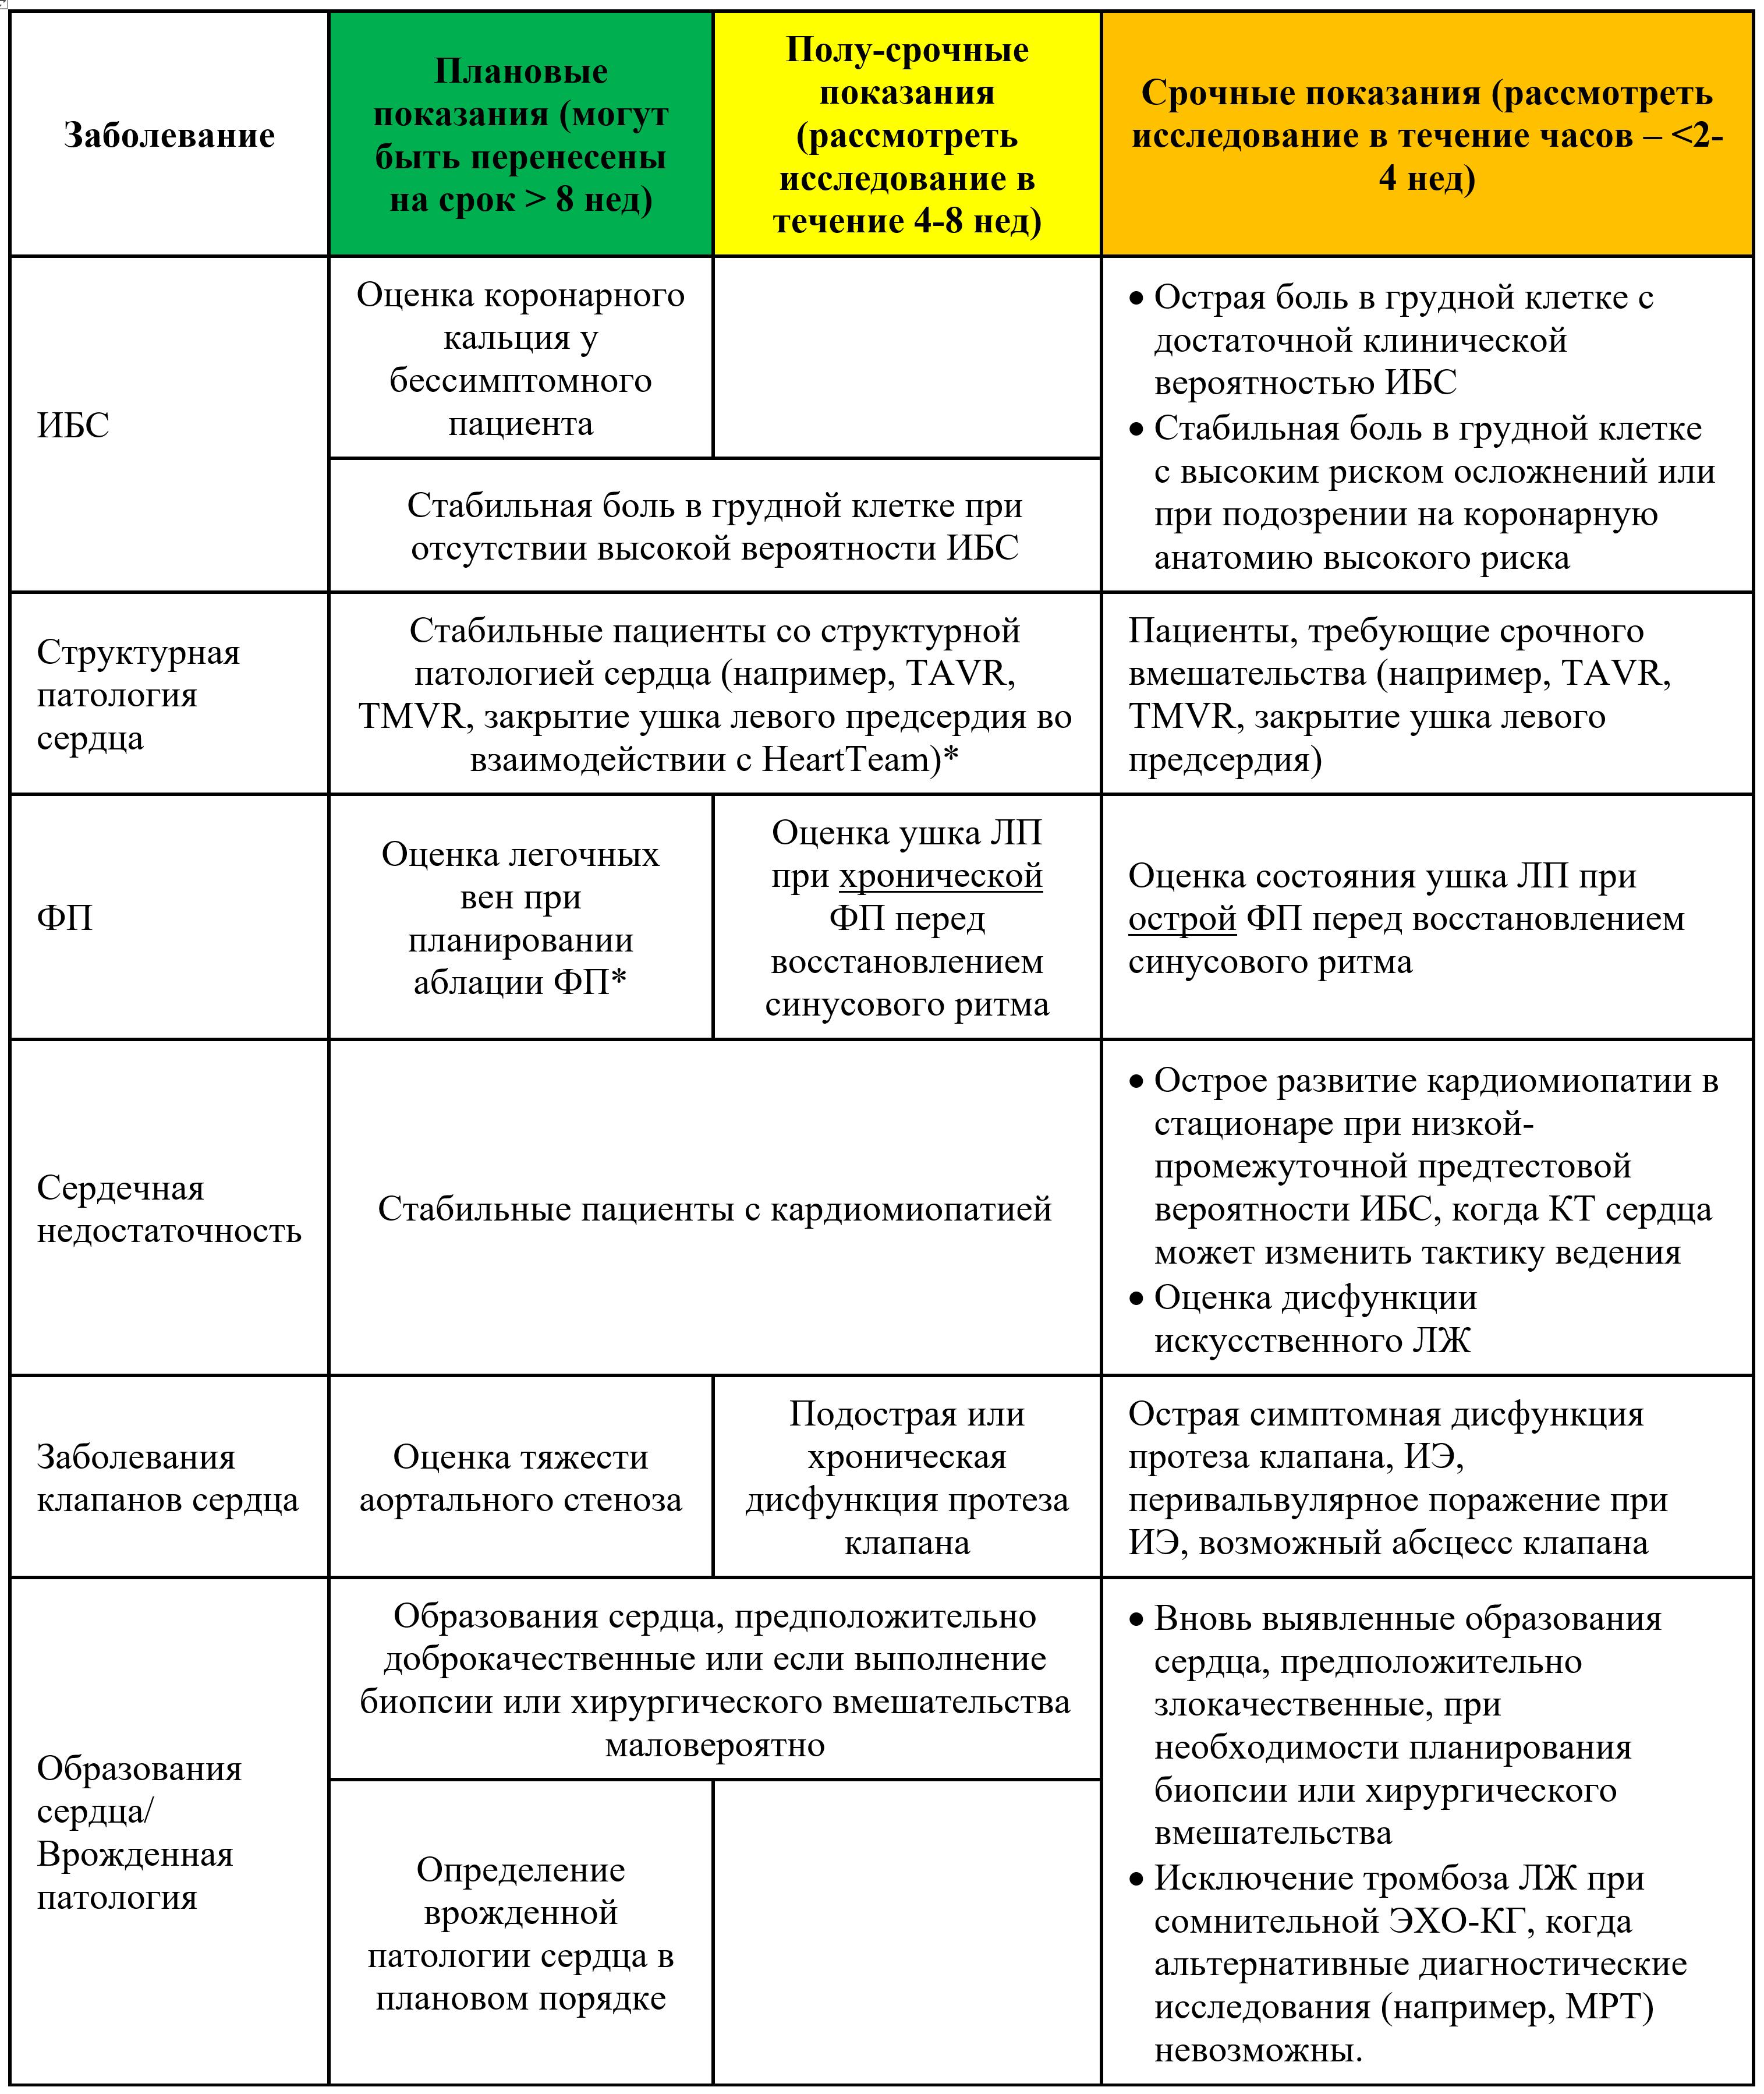 Предложения по срокам выполнения компьютерной томографии сердца при наиболее частых показаниях к исследованию в условиях пандемии COVID-19